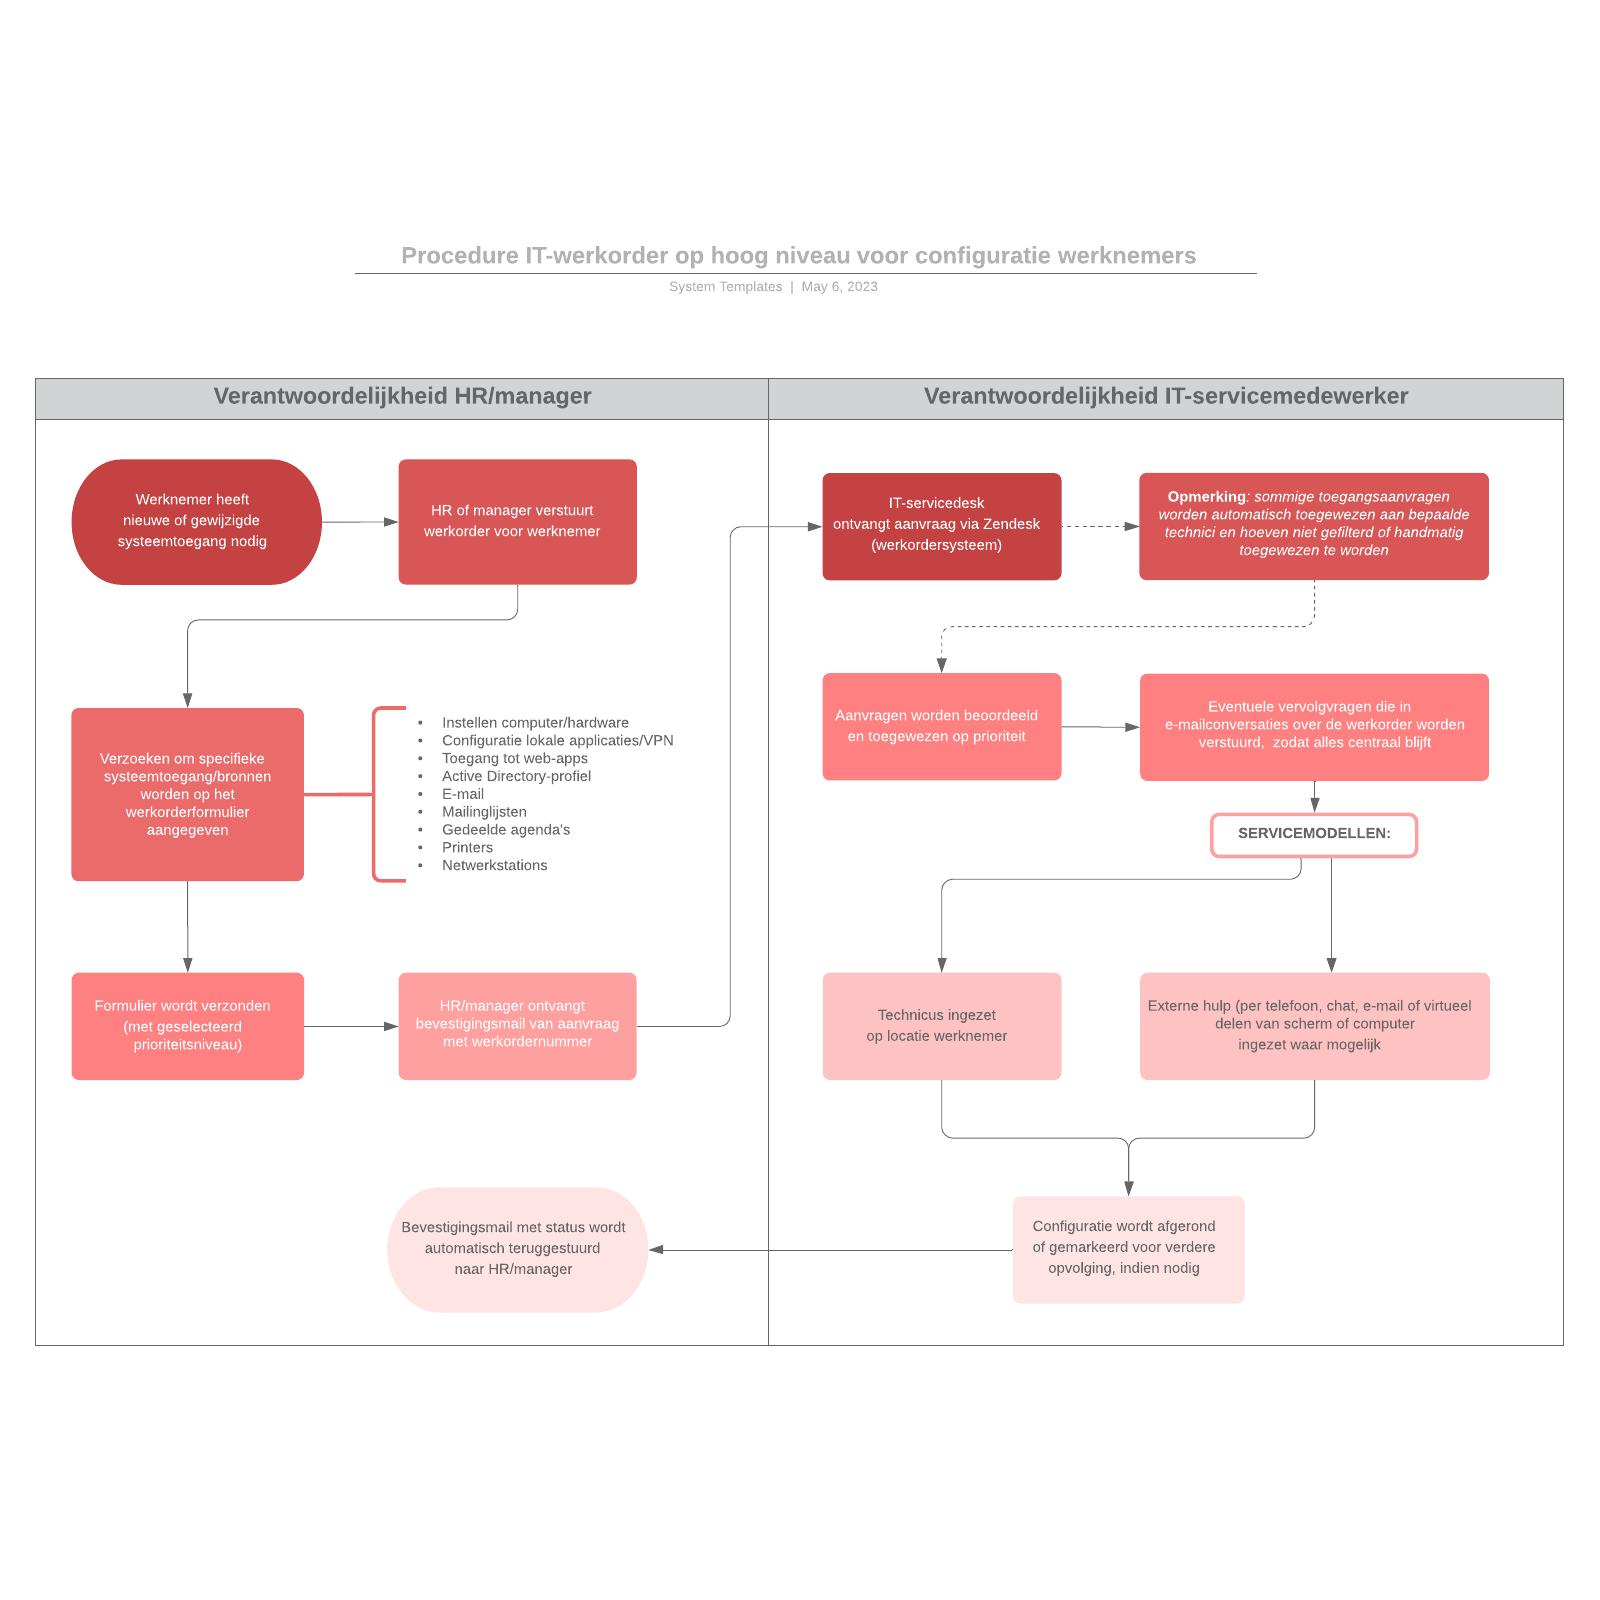 Procedure IT-werkorder op hoog niveau voor configuratie werknemers